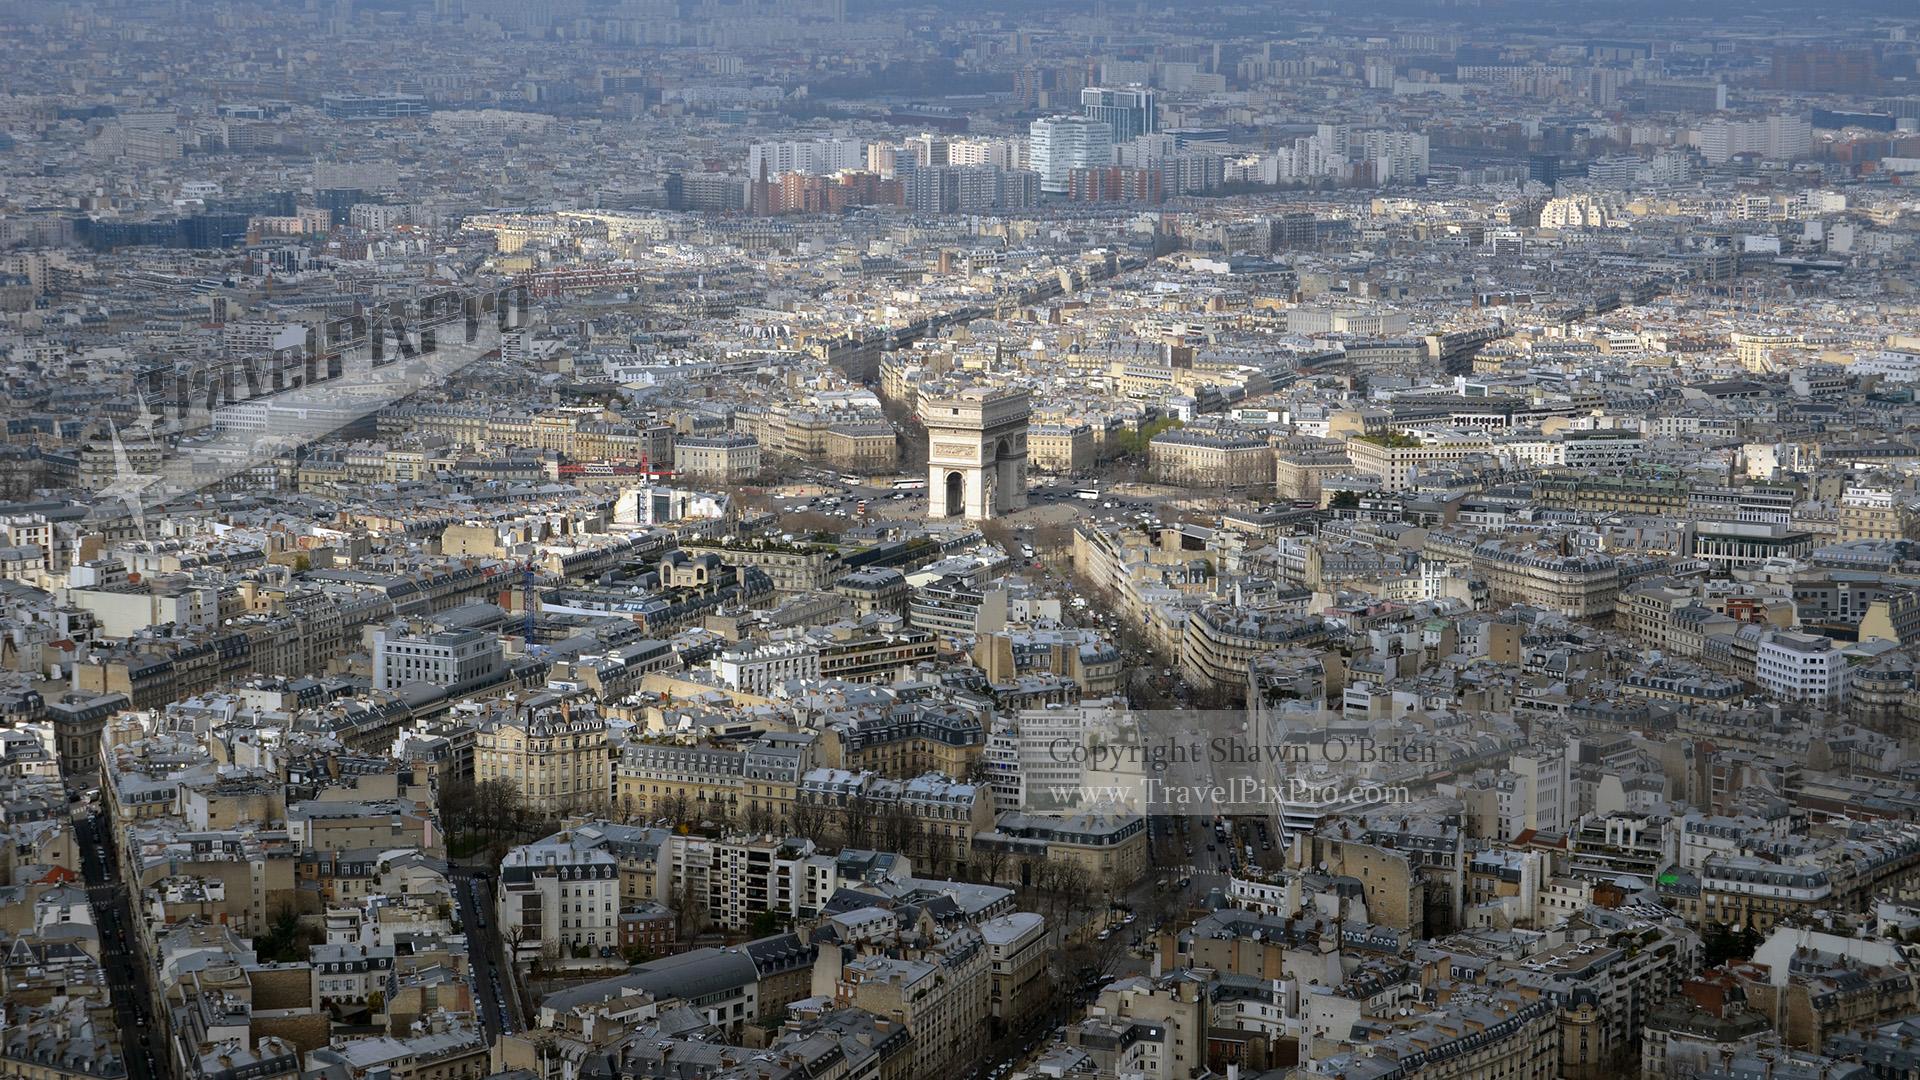 Above L'Arc de Triomphe Paris